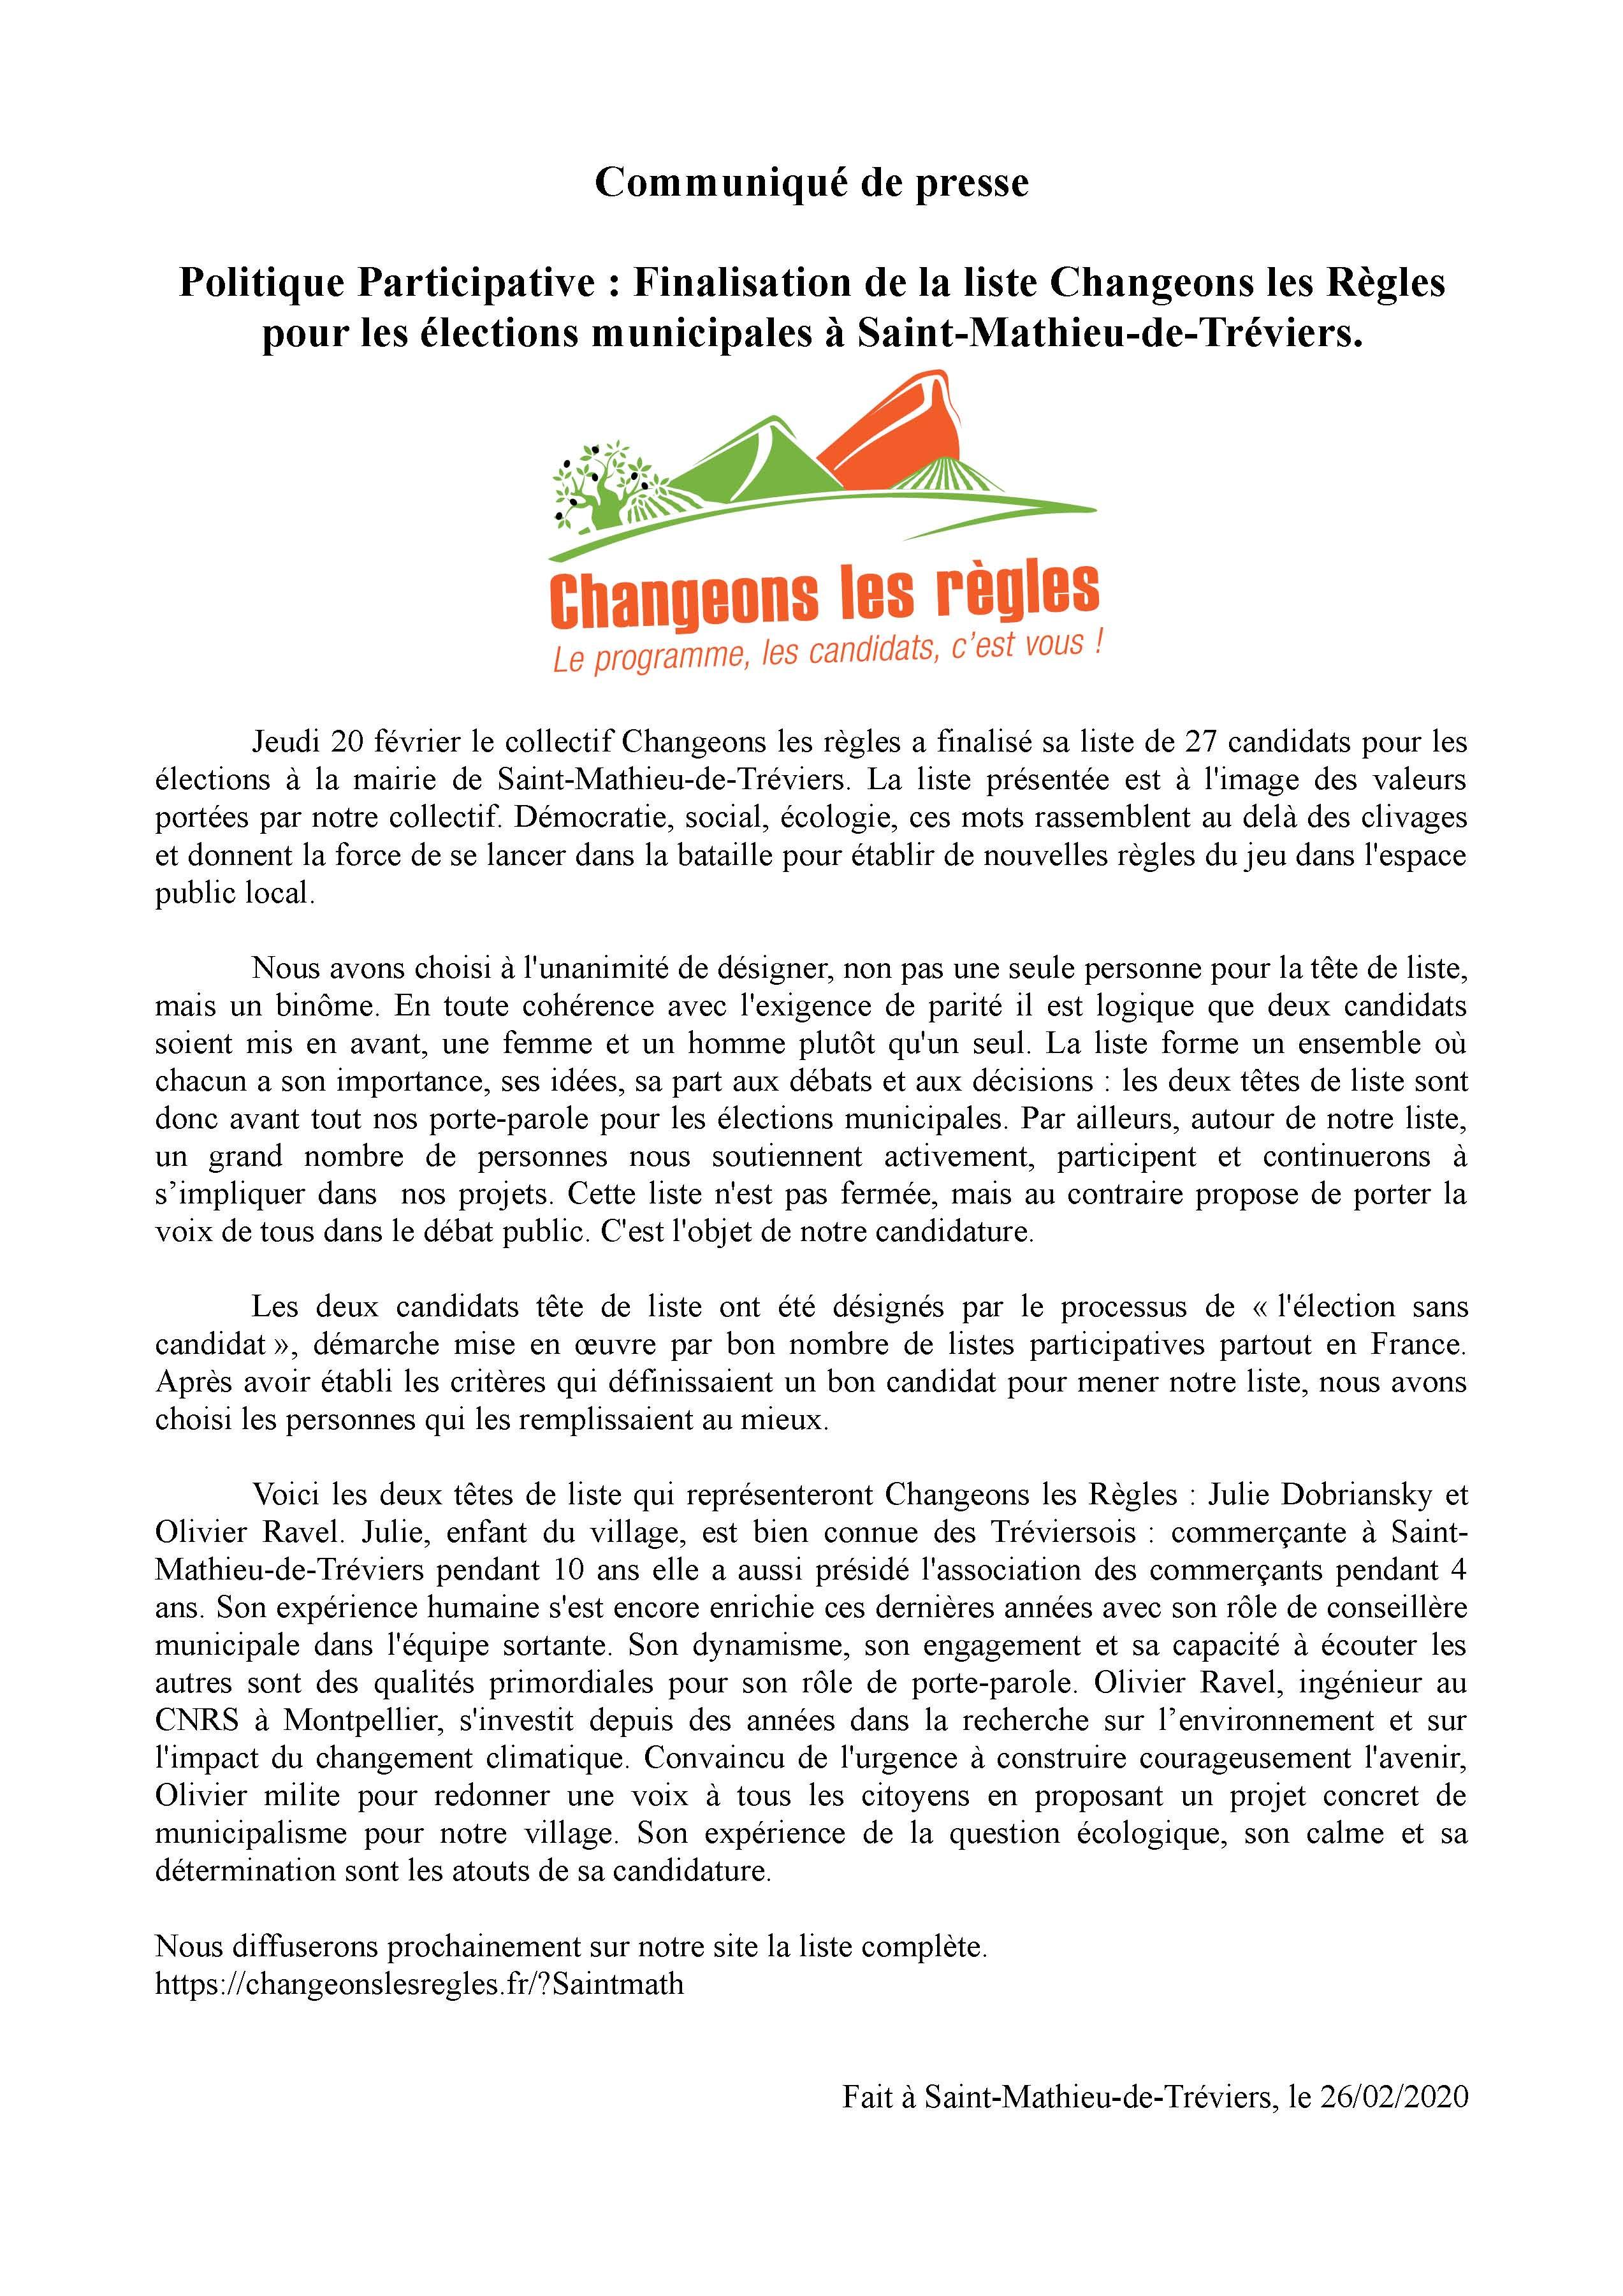 image communiqu_de_presse_26_fvrier_v24.jpg (0.7MB)